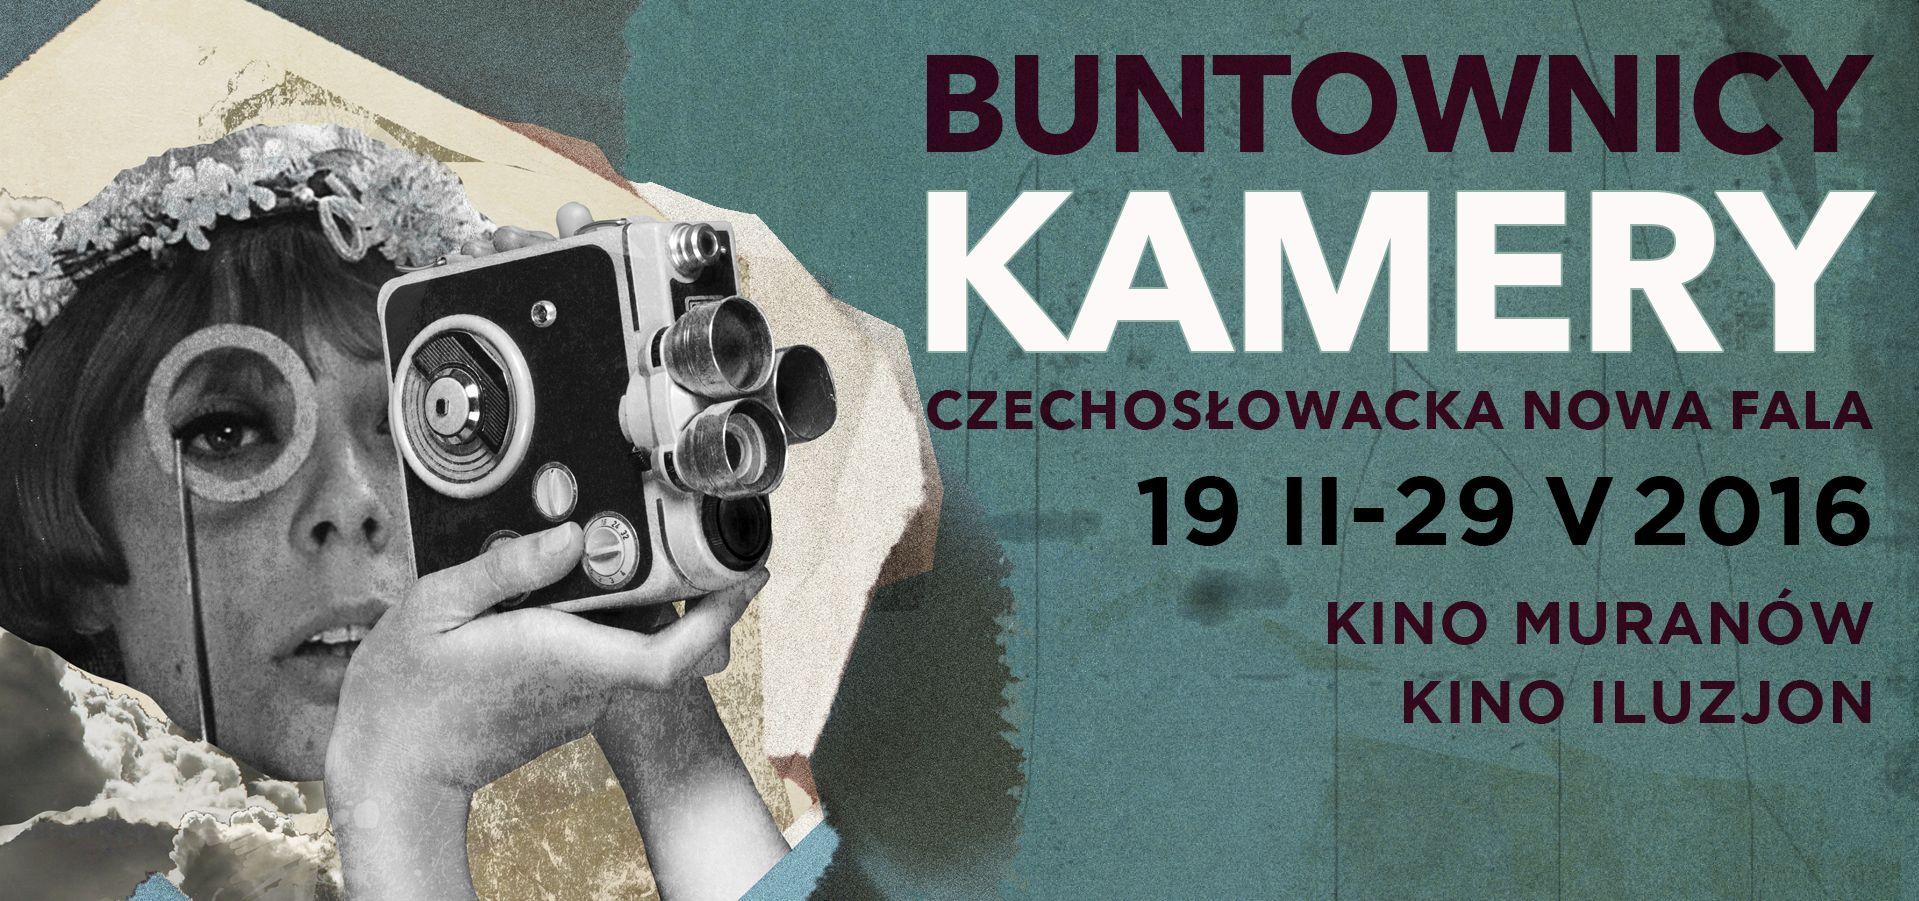 """Przegląd filmów """"Buntownicy kamery. Czechosłowacka nowa fala"""" (źródło: materiały prasowe organizatora)"""